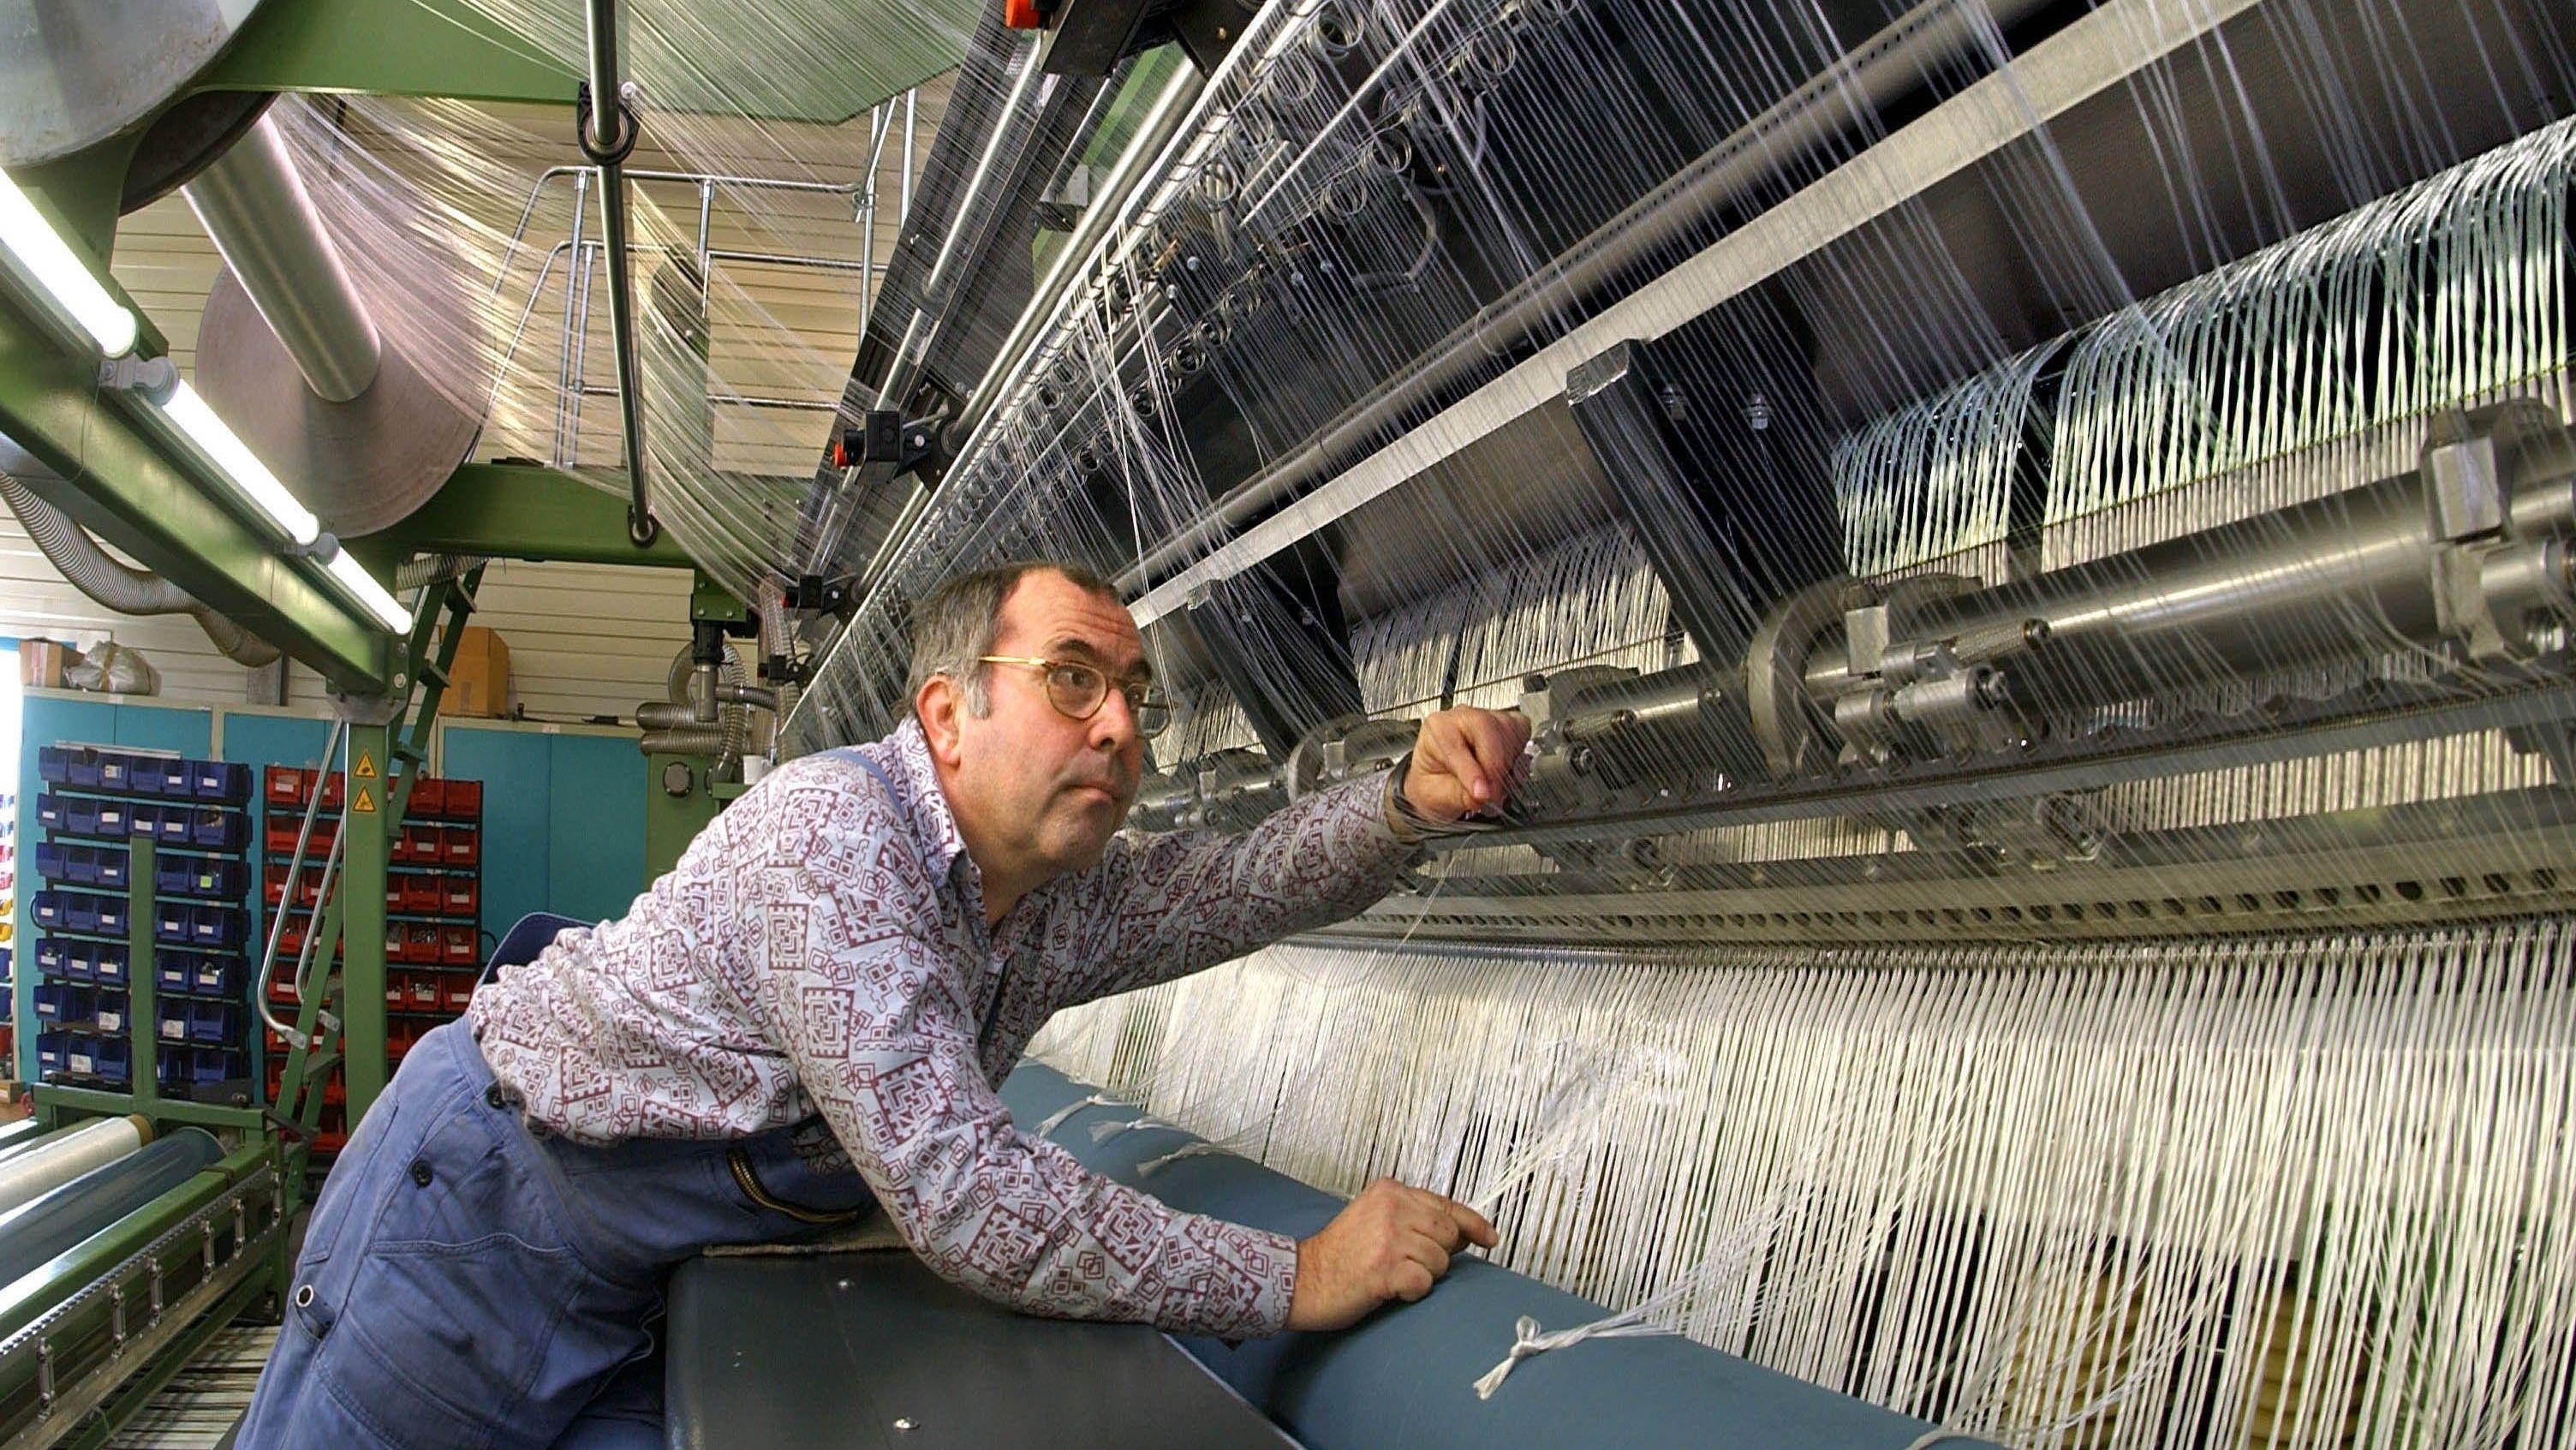 Ein Mitarbeiter prüft Fäden an einer großen Maschine.